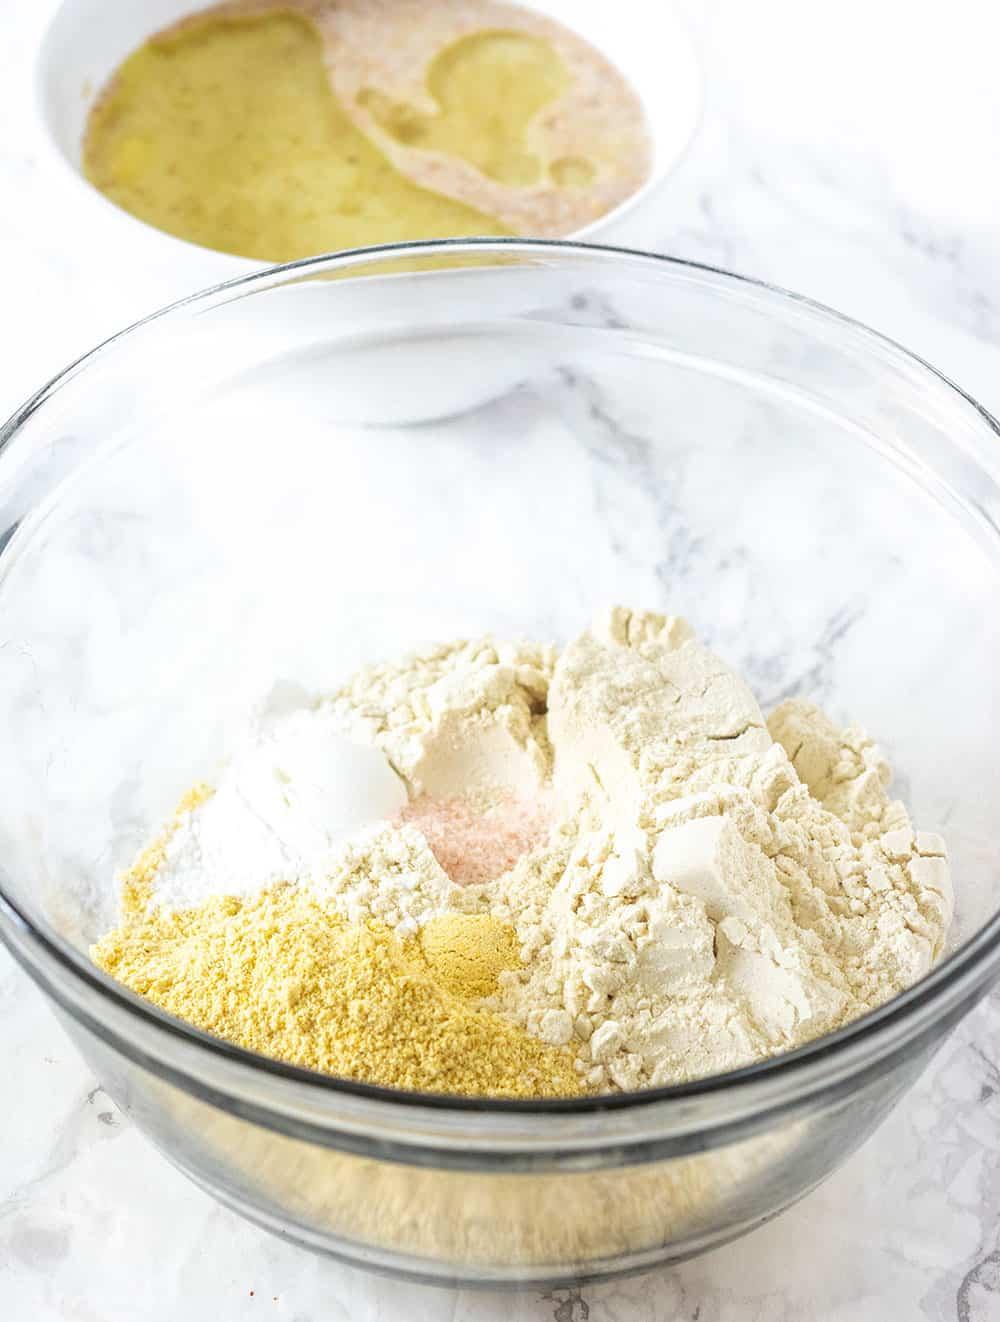 Vegan Gluten-Free Cornbread Ingredients in 2 bowls